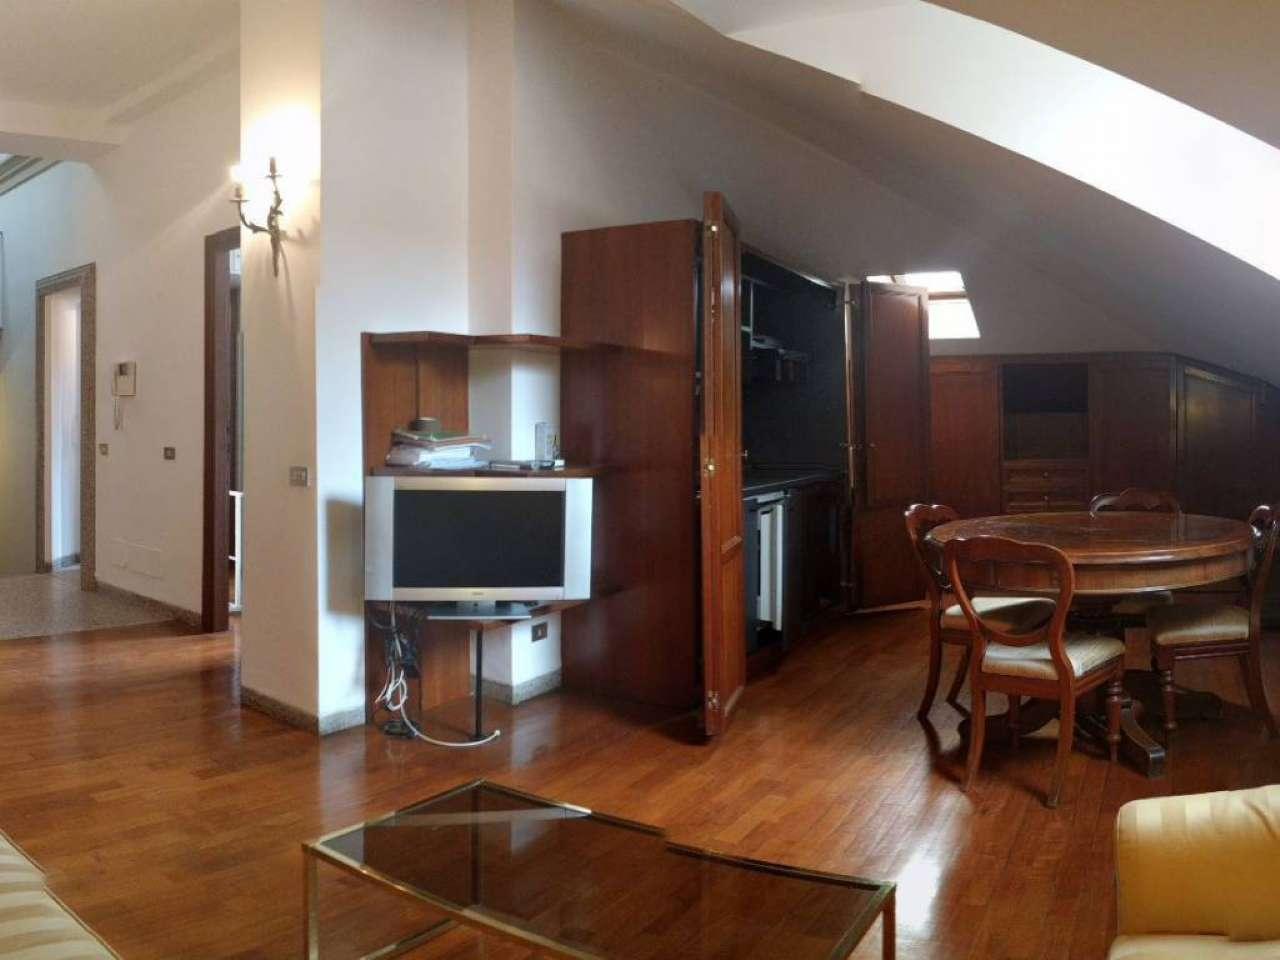 appartamento in locazione a milano rif. dim 1193